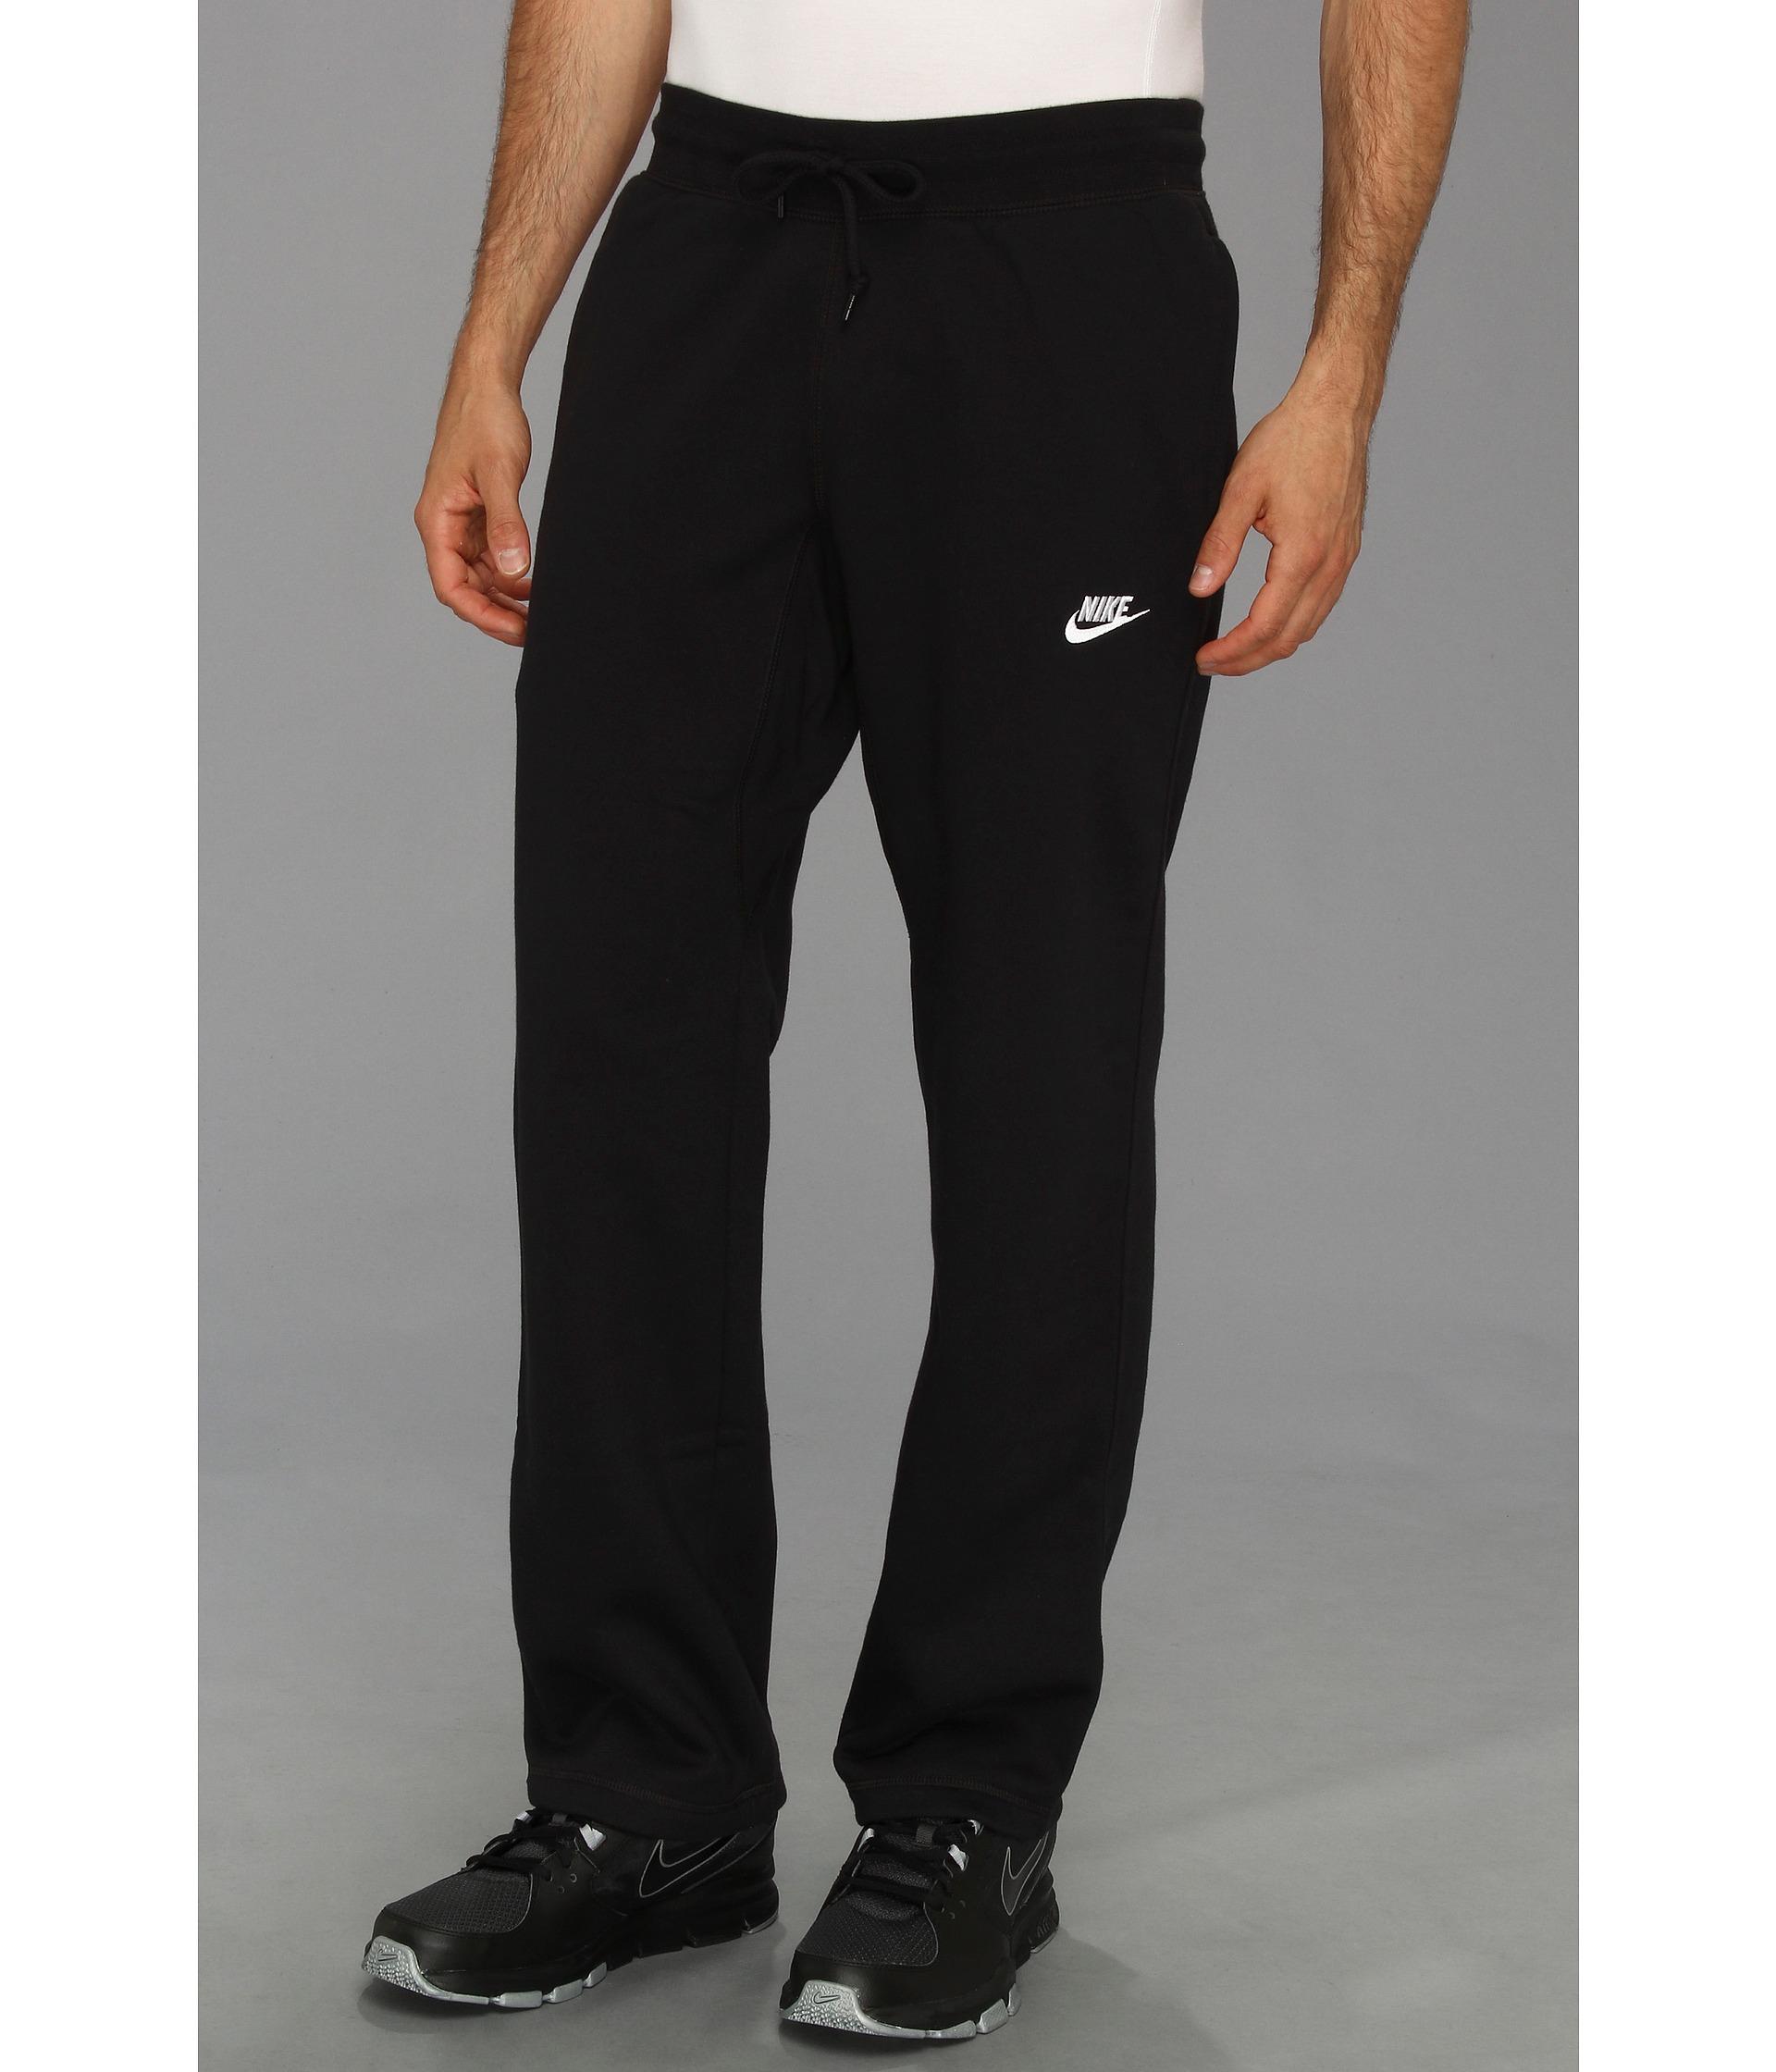 6d68fa4bc6a7 Lyst - Nike Ace Open-hem Fleece Pants in Black for Men